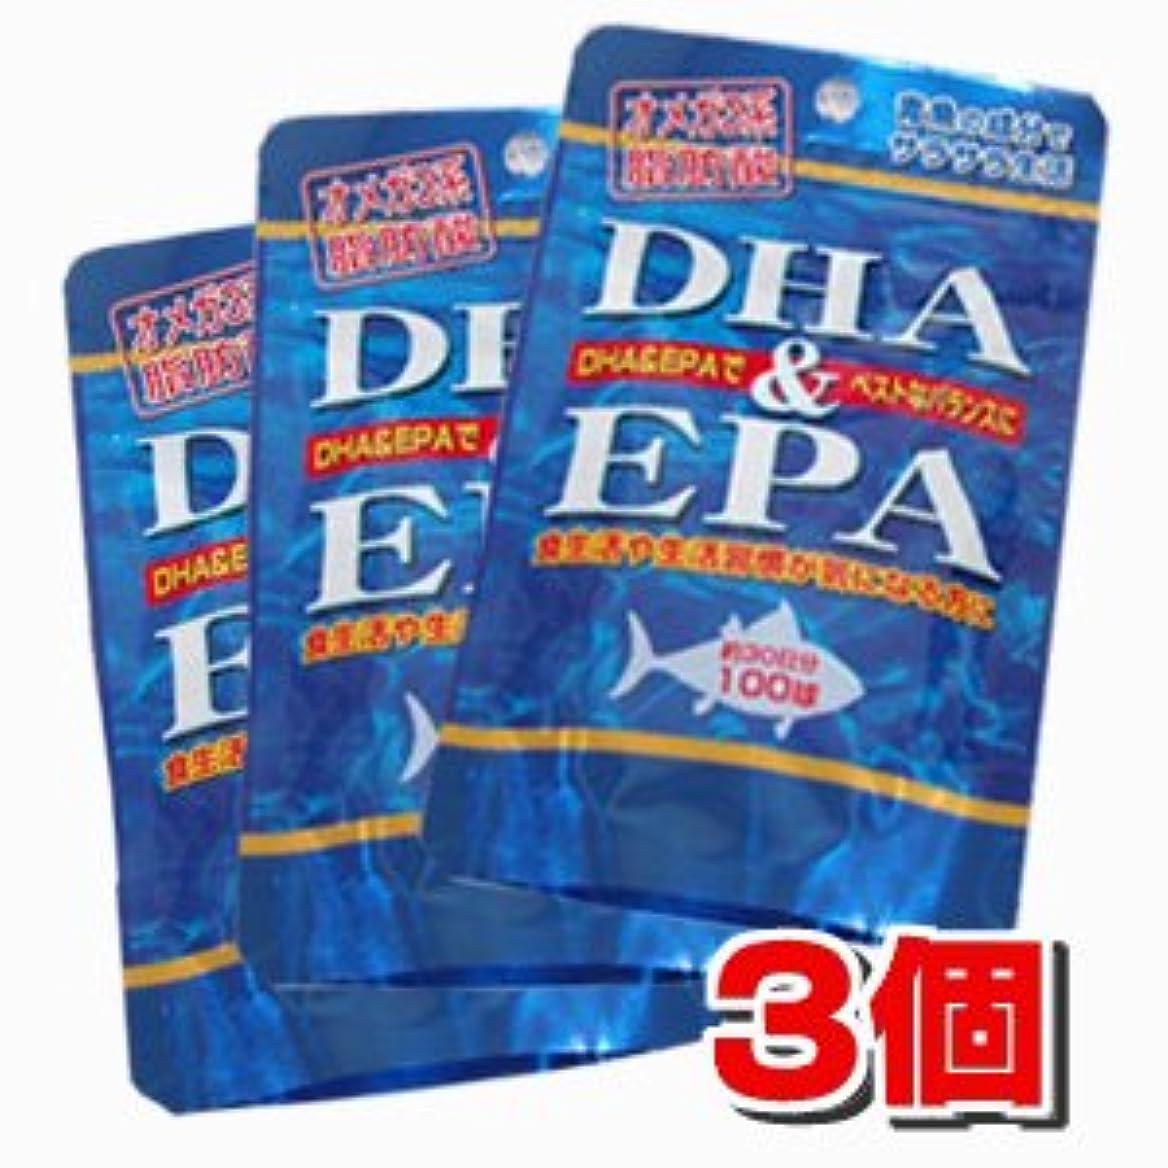 対称欠員害DHA(ドコサヘキサエン酸)&EPA(エイコサペンタエン酸)